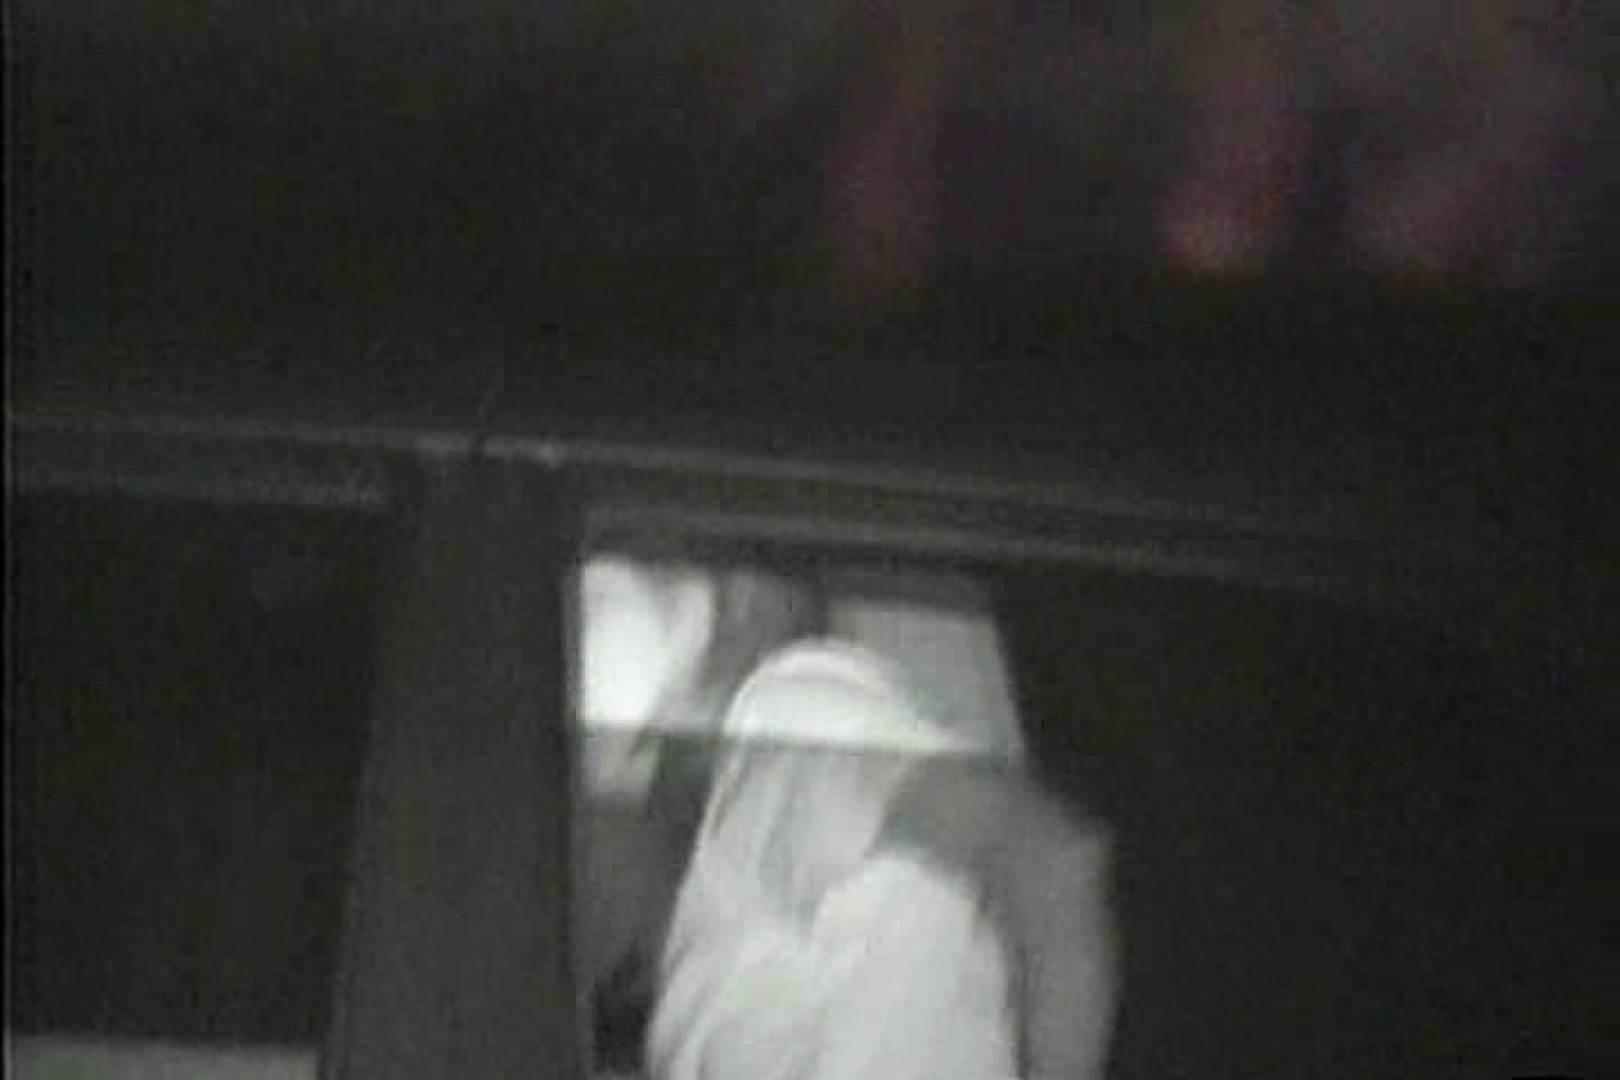 車の中はラブホテル 無修正版  Vol.9 望遠 オマンコ動画キャプチャ 60画像 28